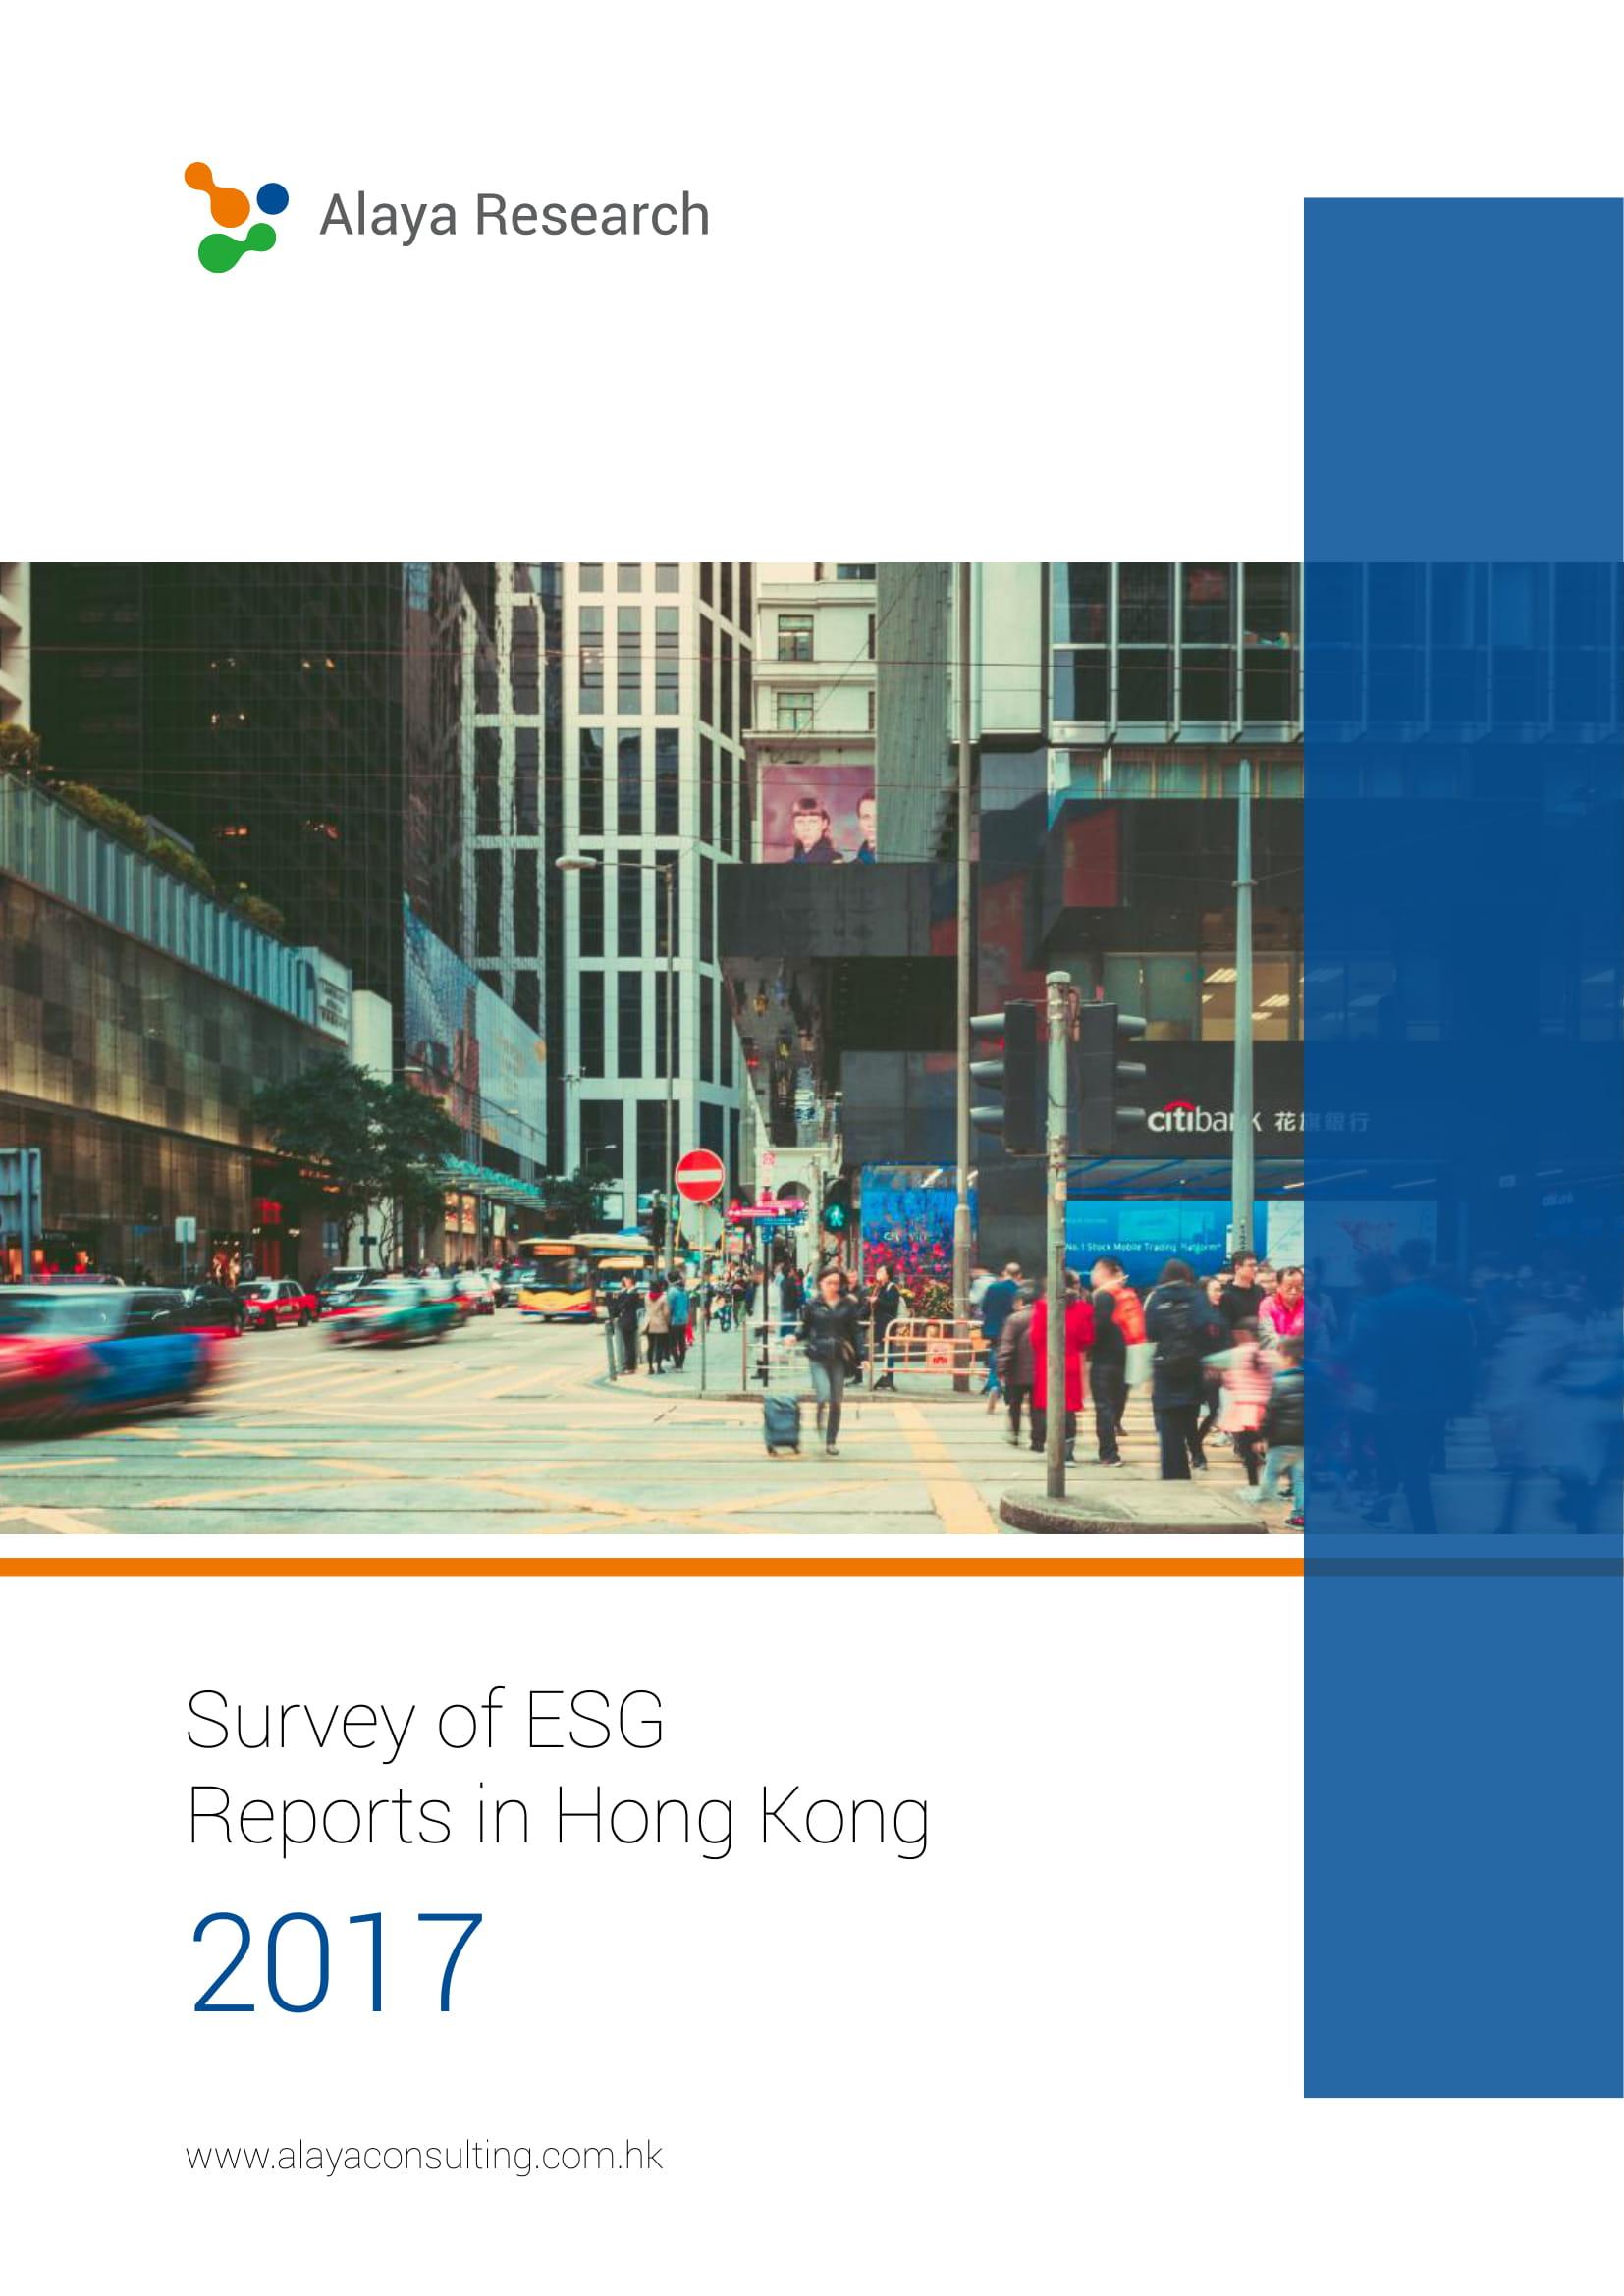 2017年调查研究报告在线阅读